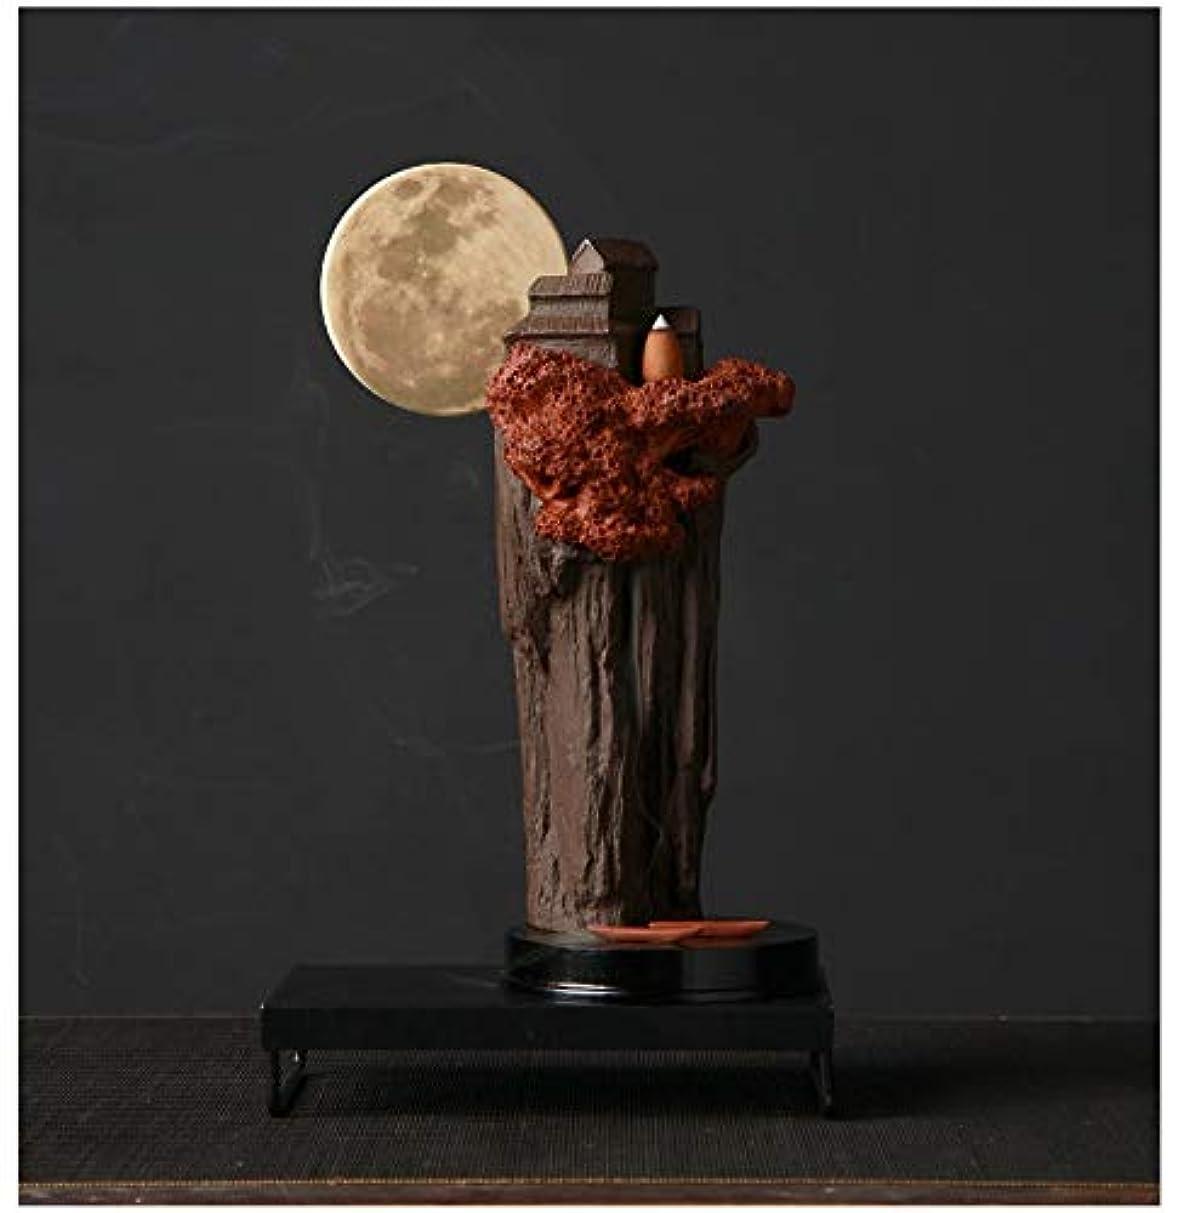 お風呂天によってPHILOGOD 陶器香炉 アルパインスタイリング樹脂逆流香炉 お香 ホルダー 香立て ホームデコレーション 香皿